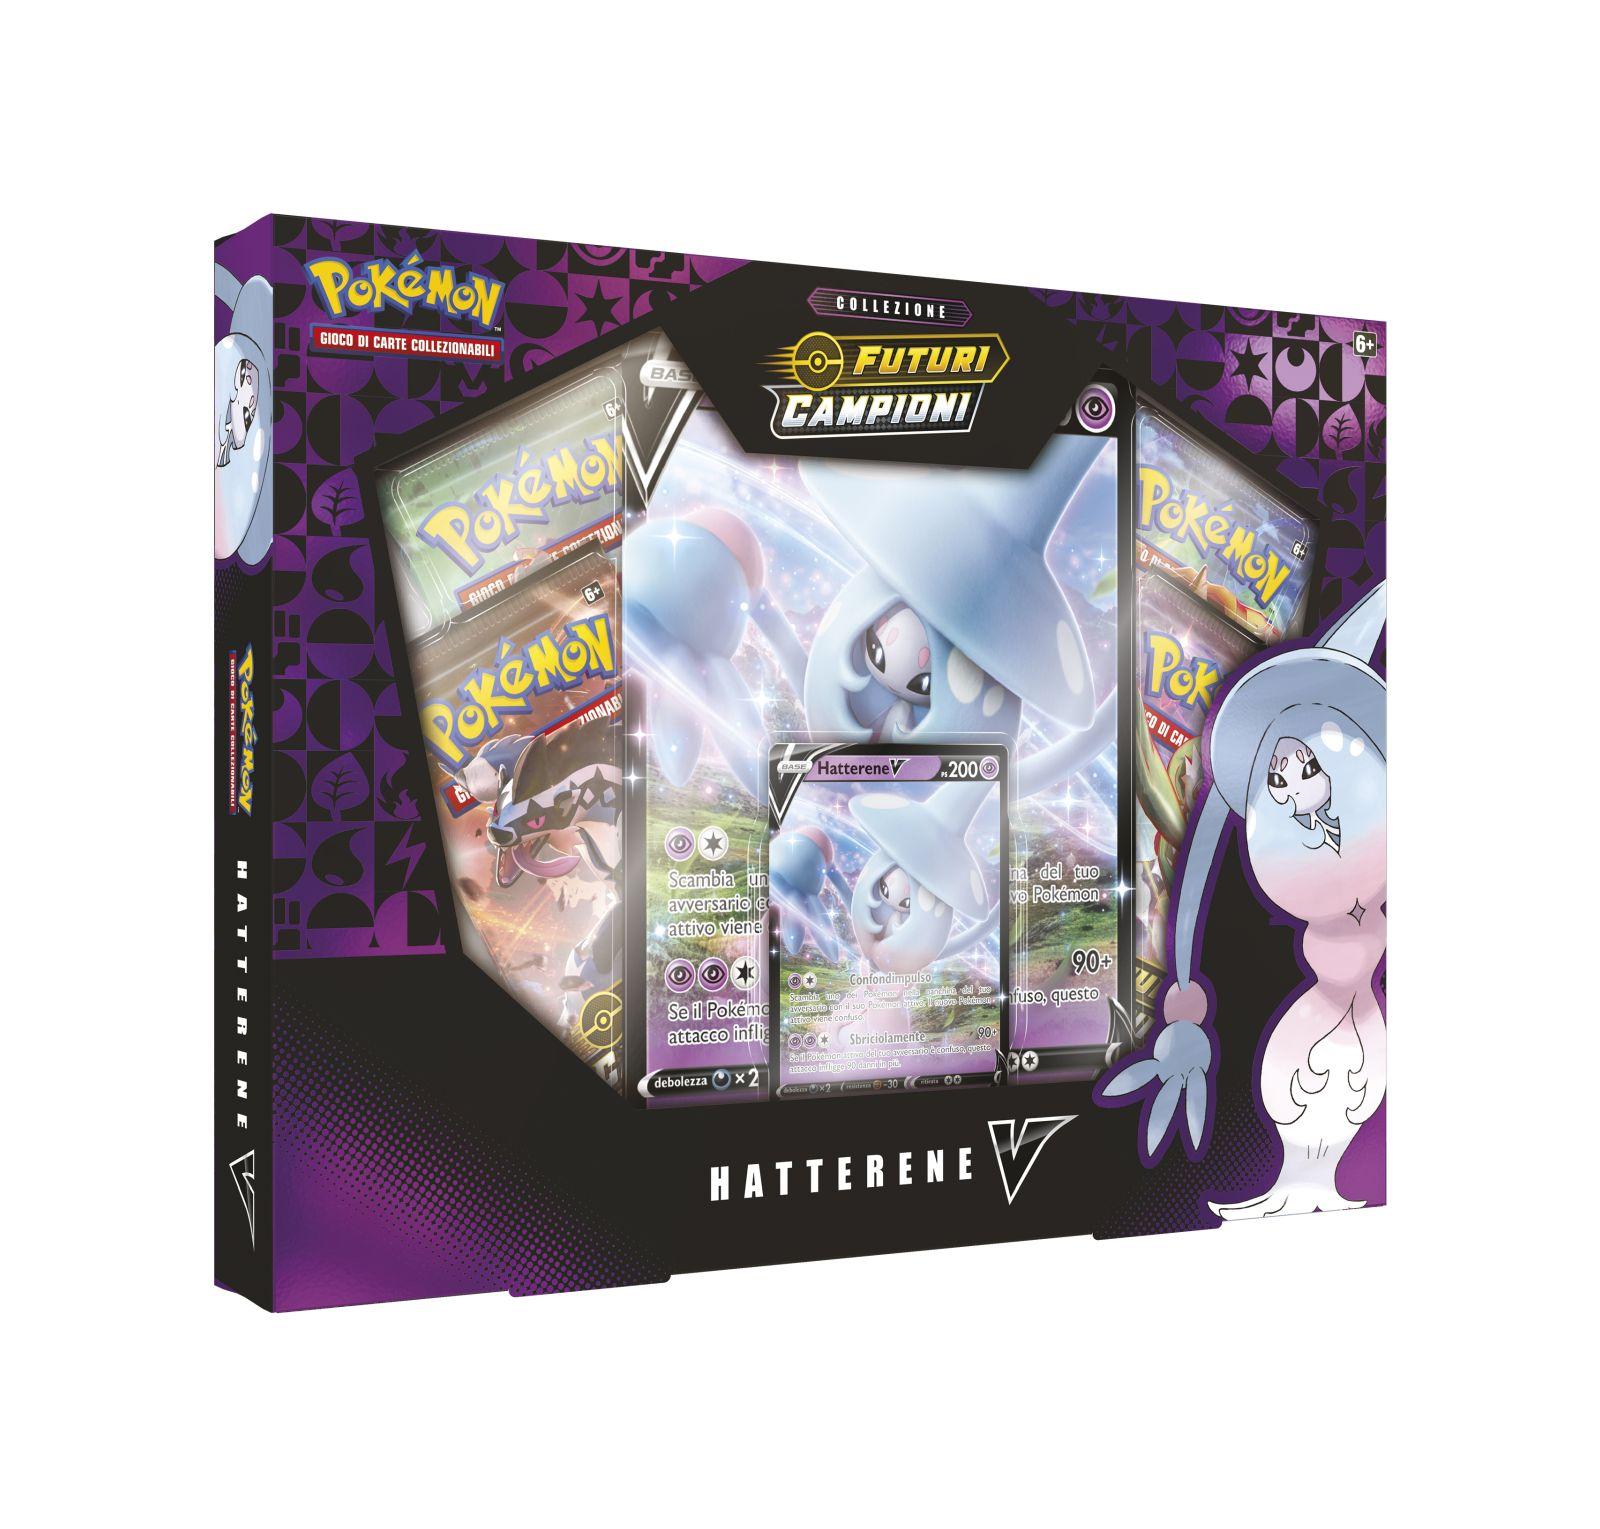 Pokemon spada e scudo 3.5 futuri campioni collezione hatterene-v -